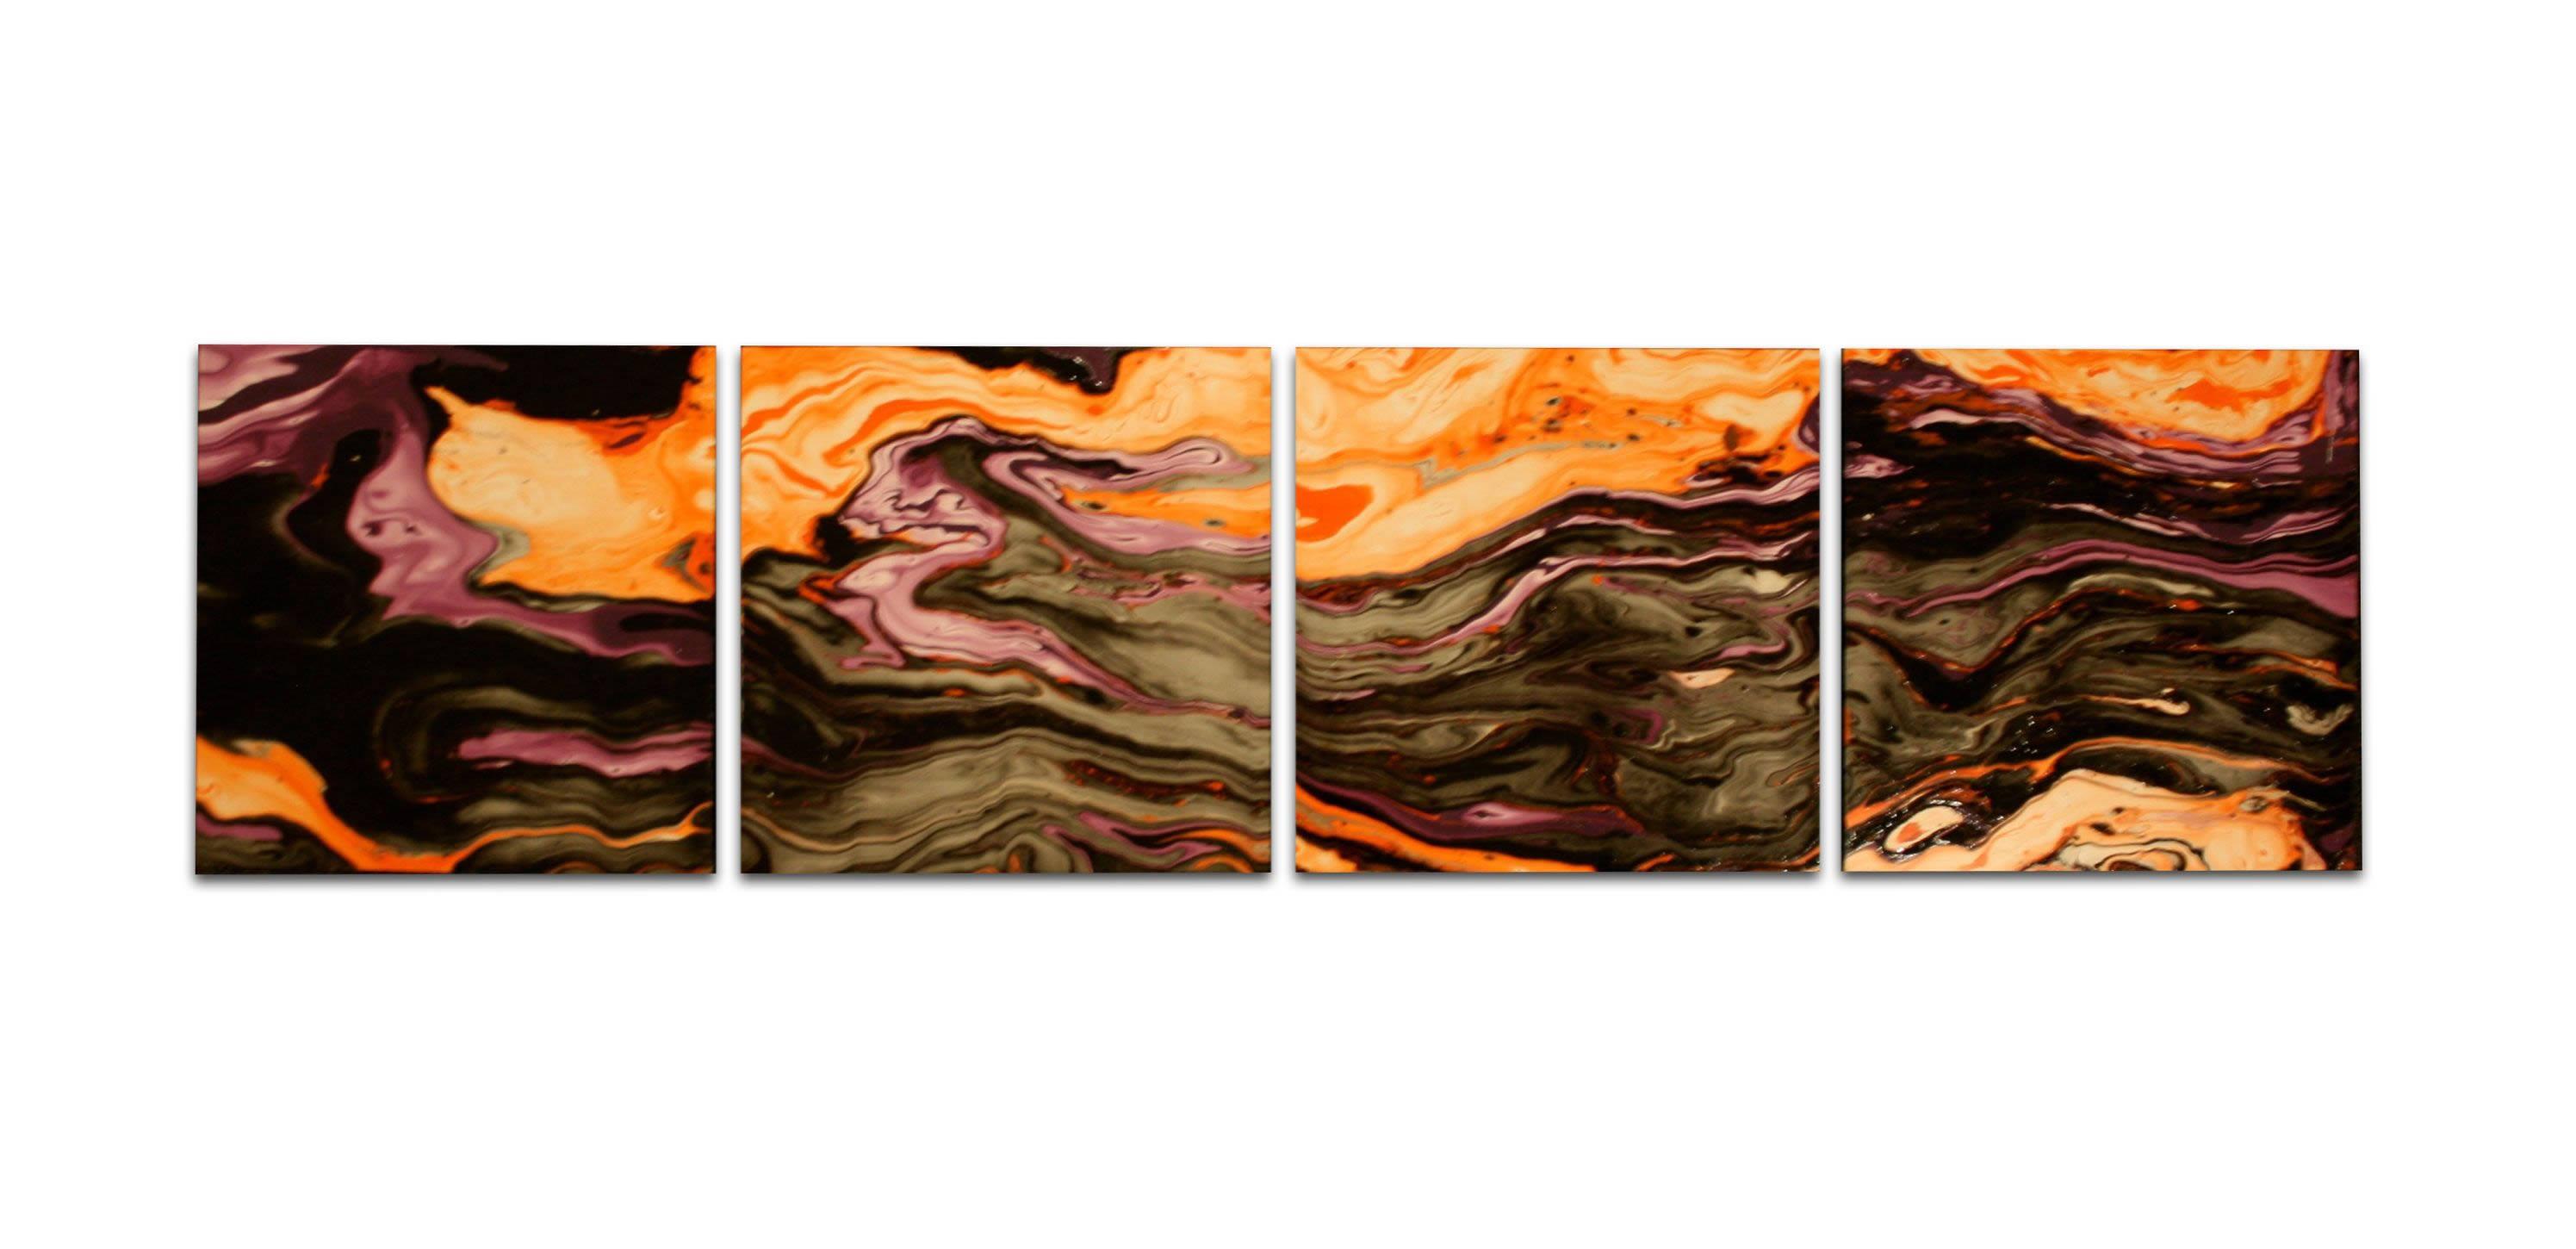 PURPLE ORACLE - Dip-Painted Metal Art by Nicholas Yust